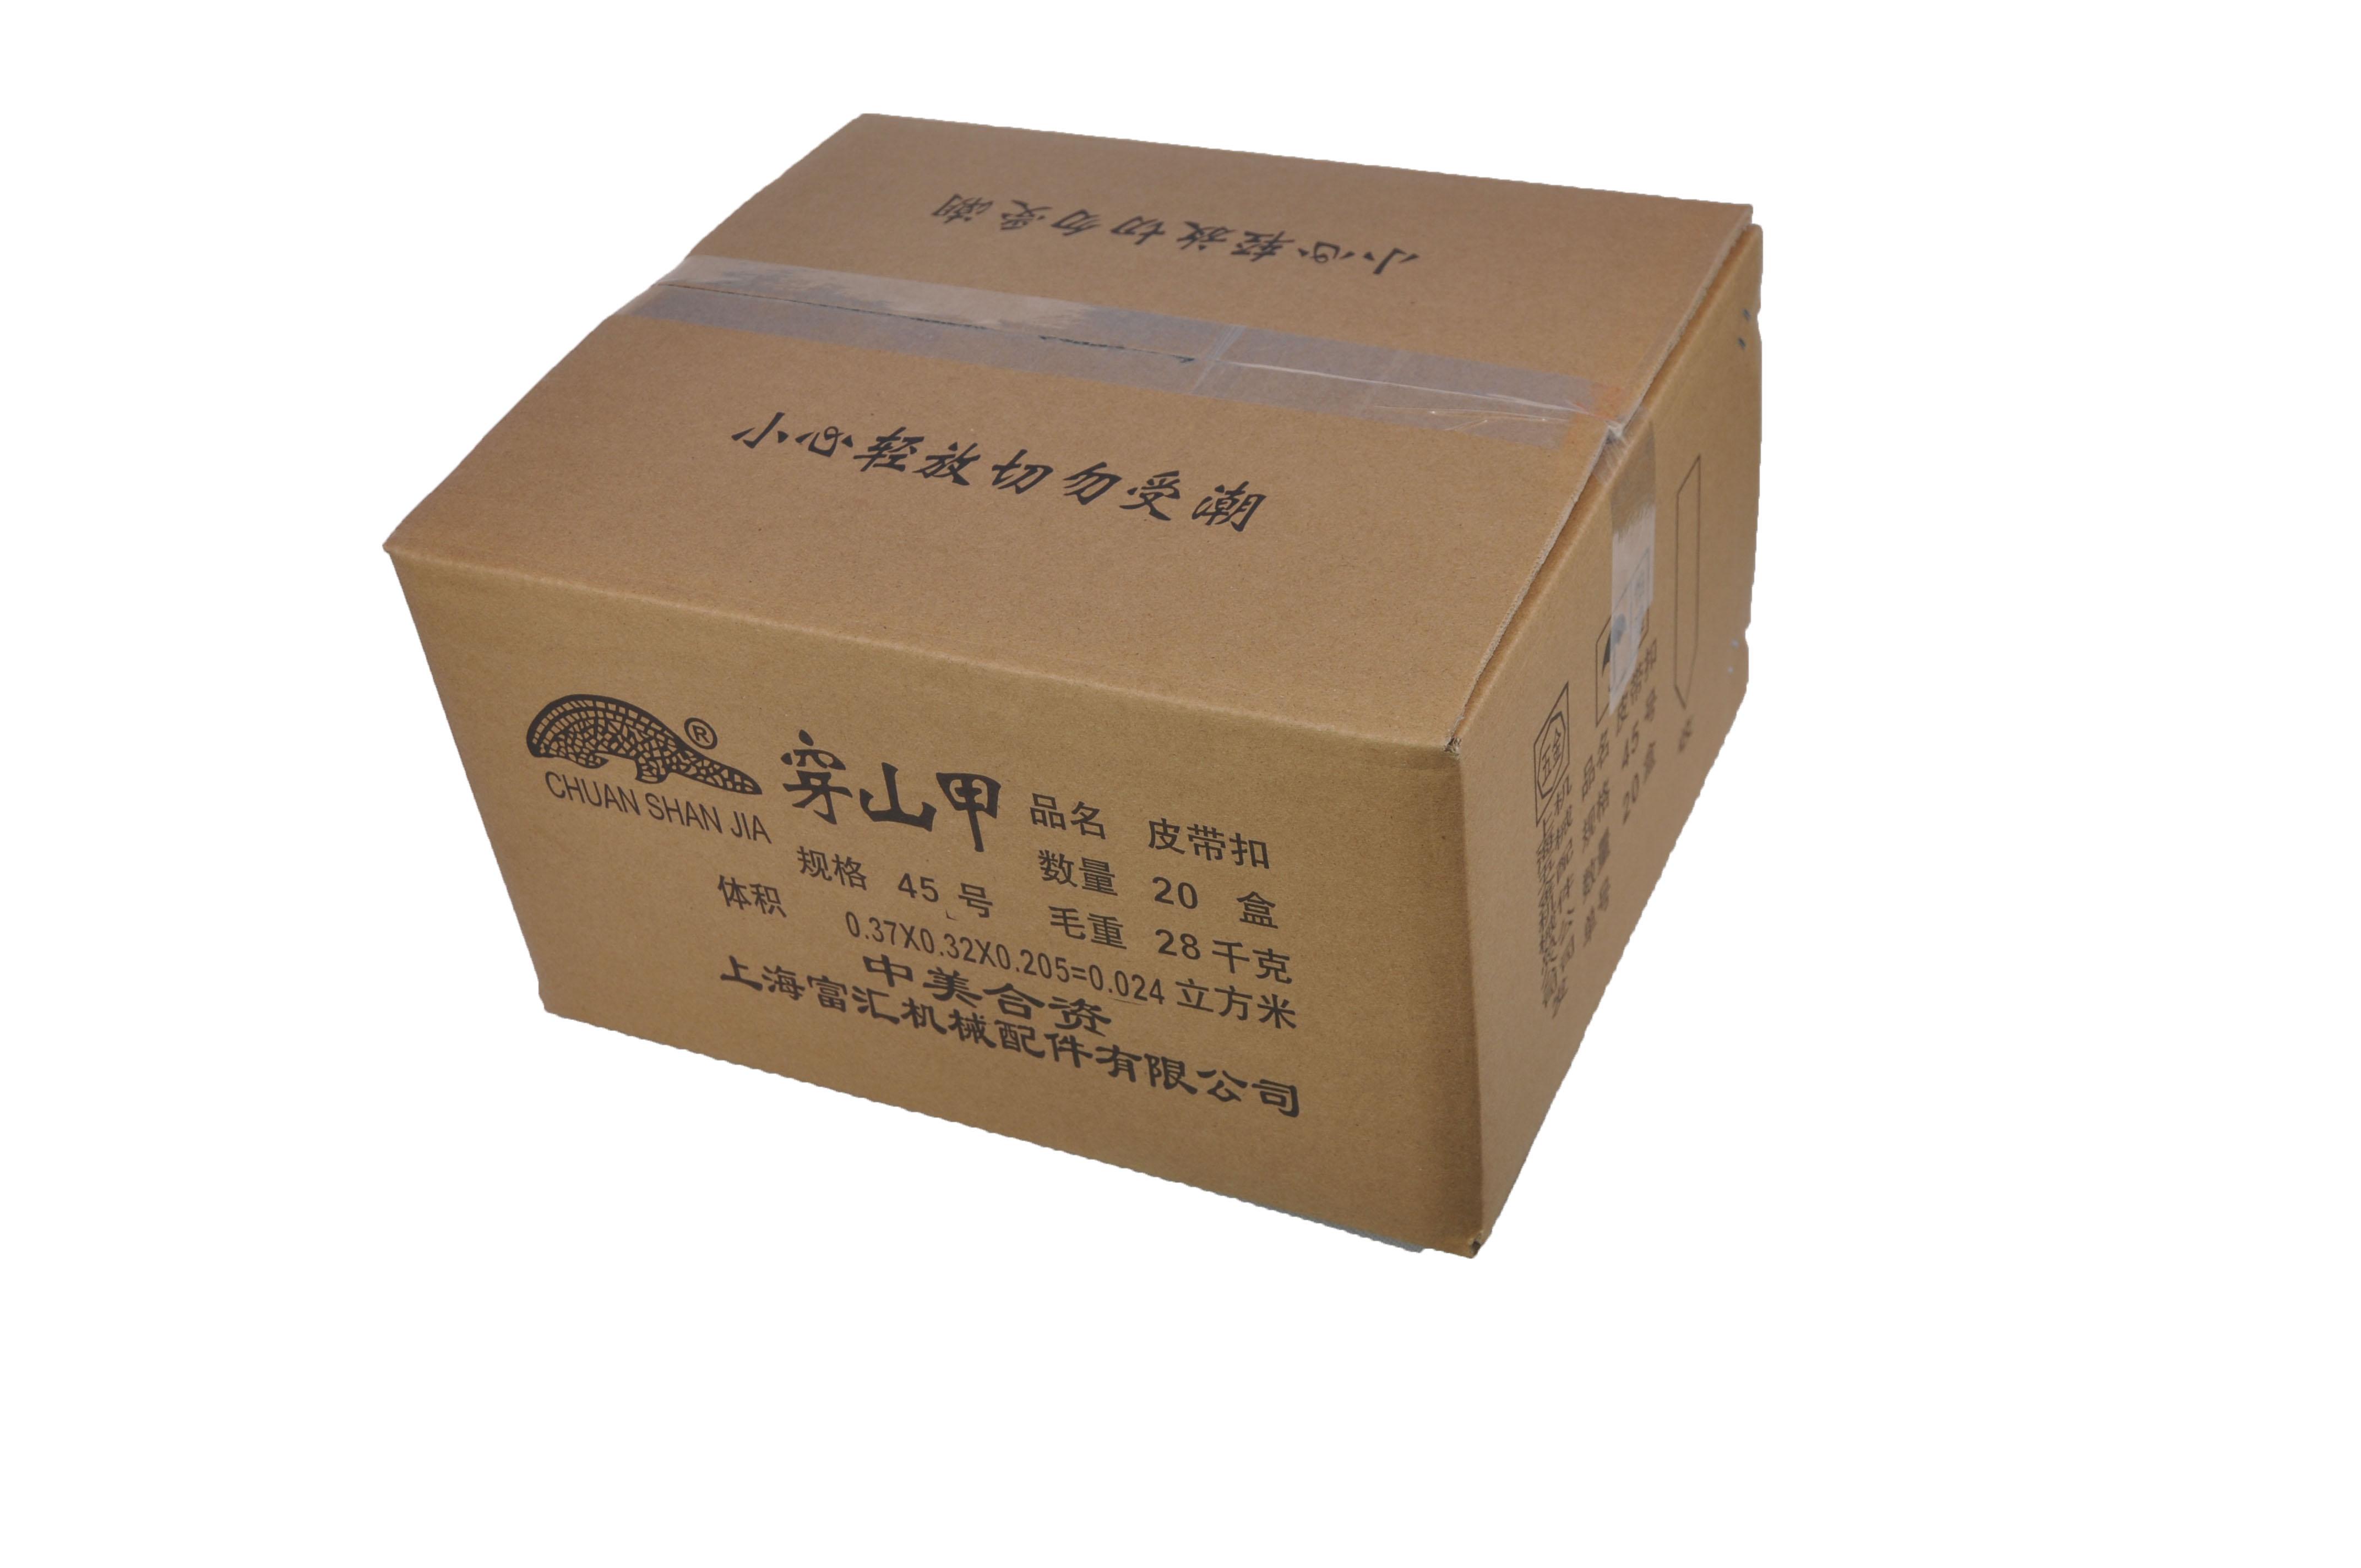 45号皮带扣大包装盒.jpg